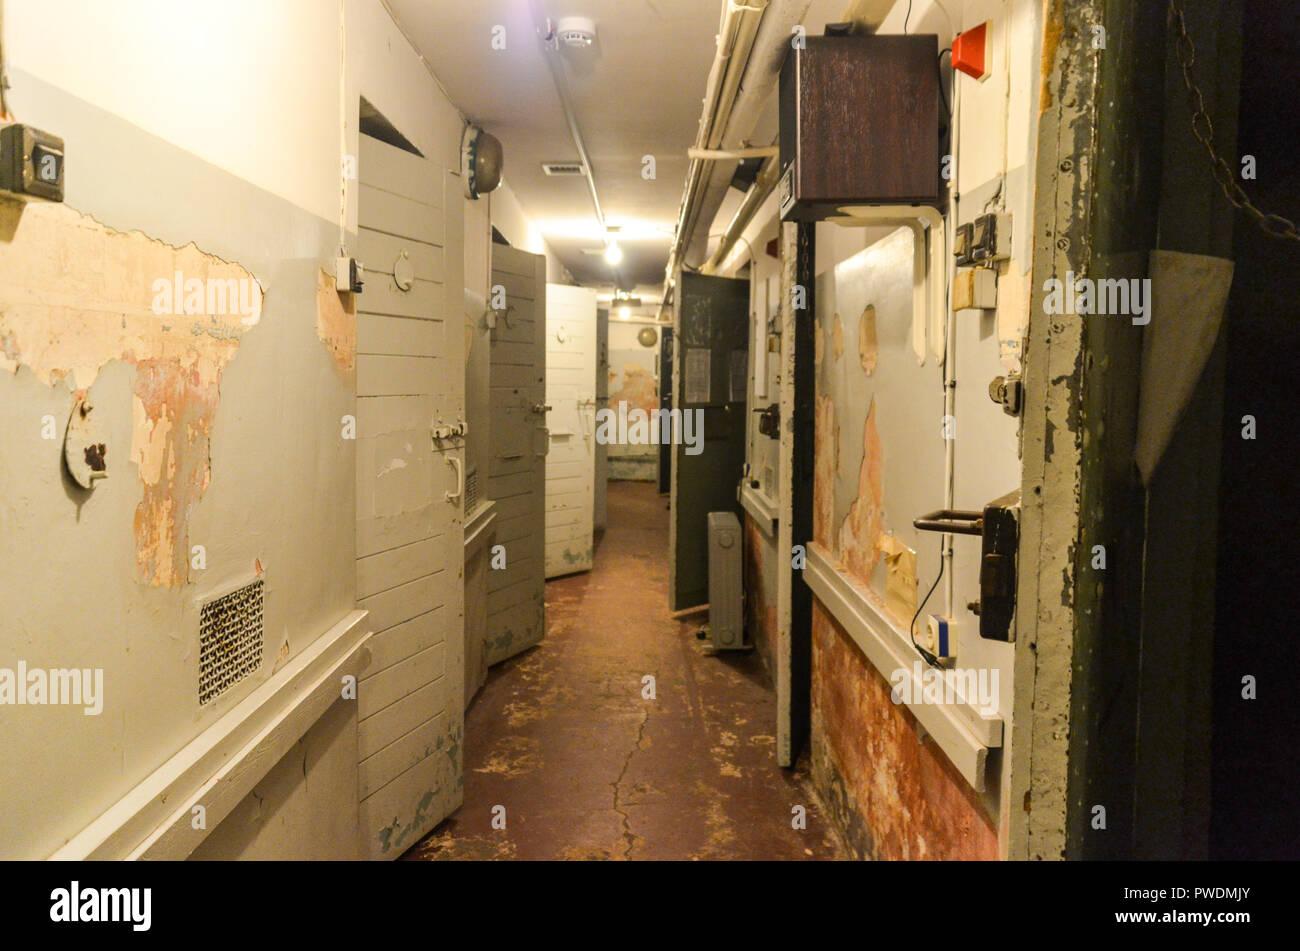 KGB museum in Riga, Latvia - Stock Image